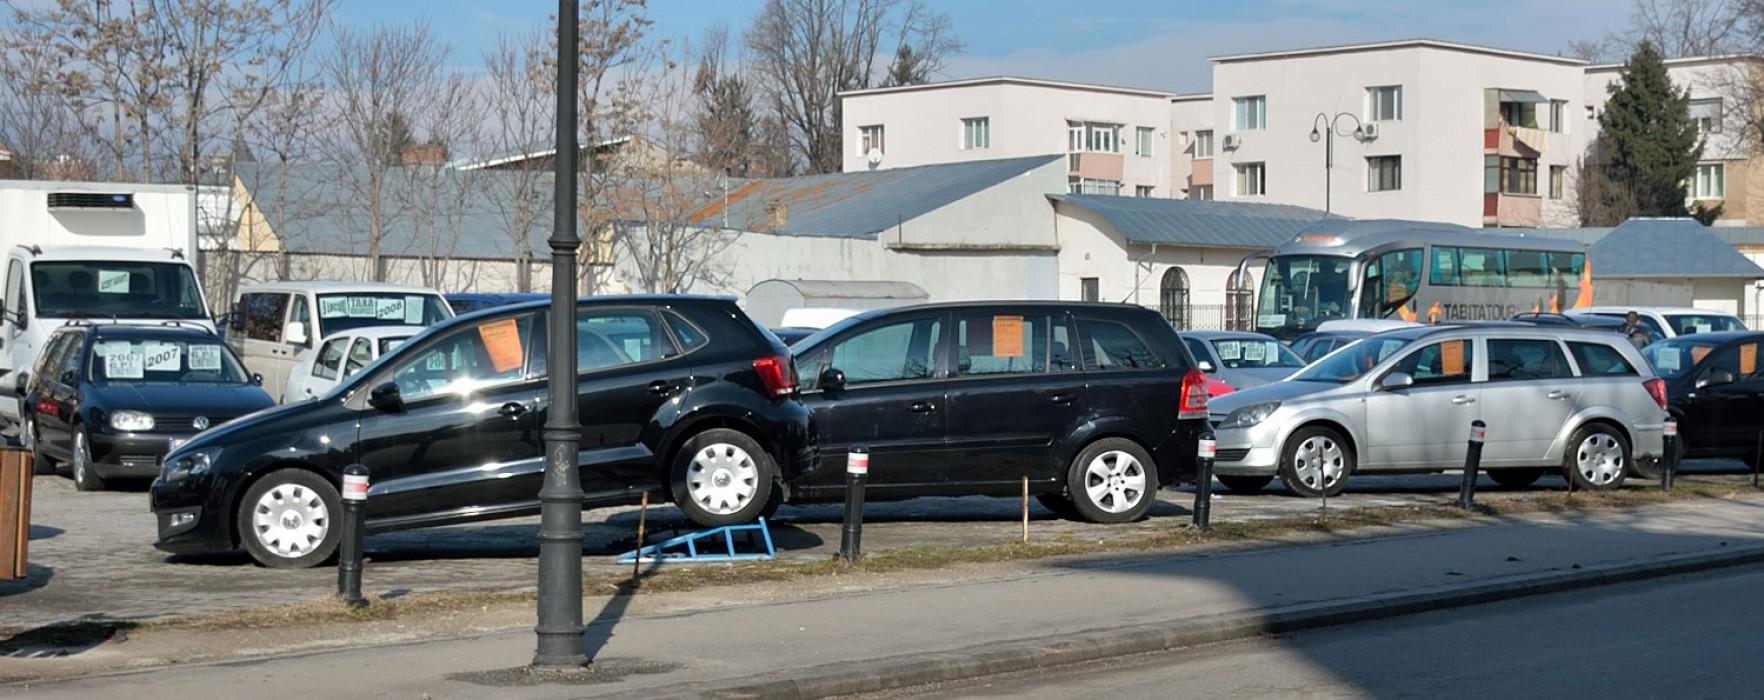 Târgovişte: Maşinile de vânzare, interzise pe domeniul public